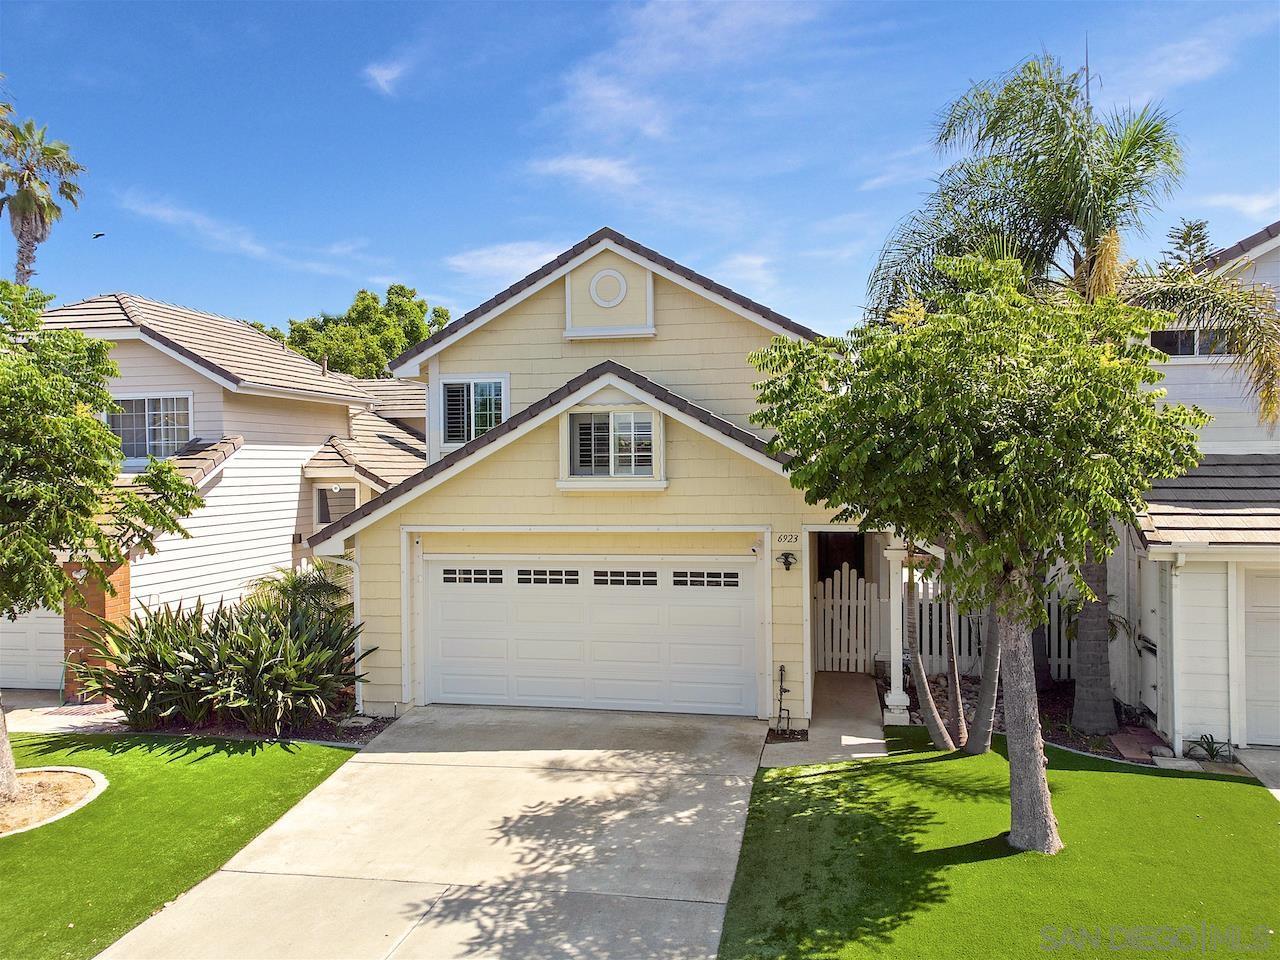 6923 Worchester Pl, San Diego, CA 92126